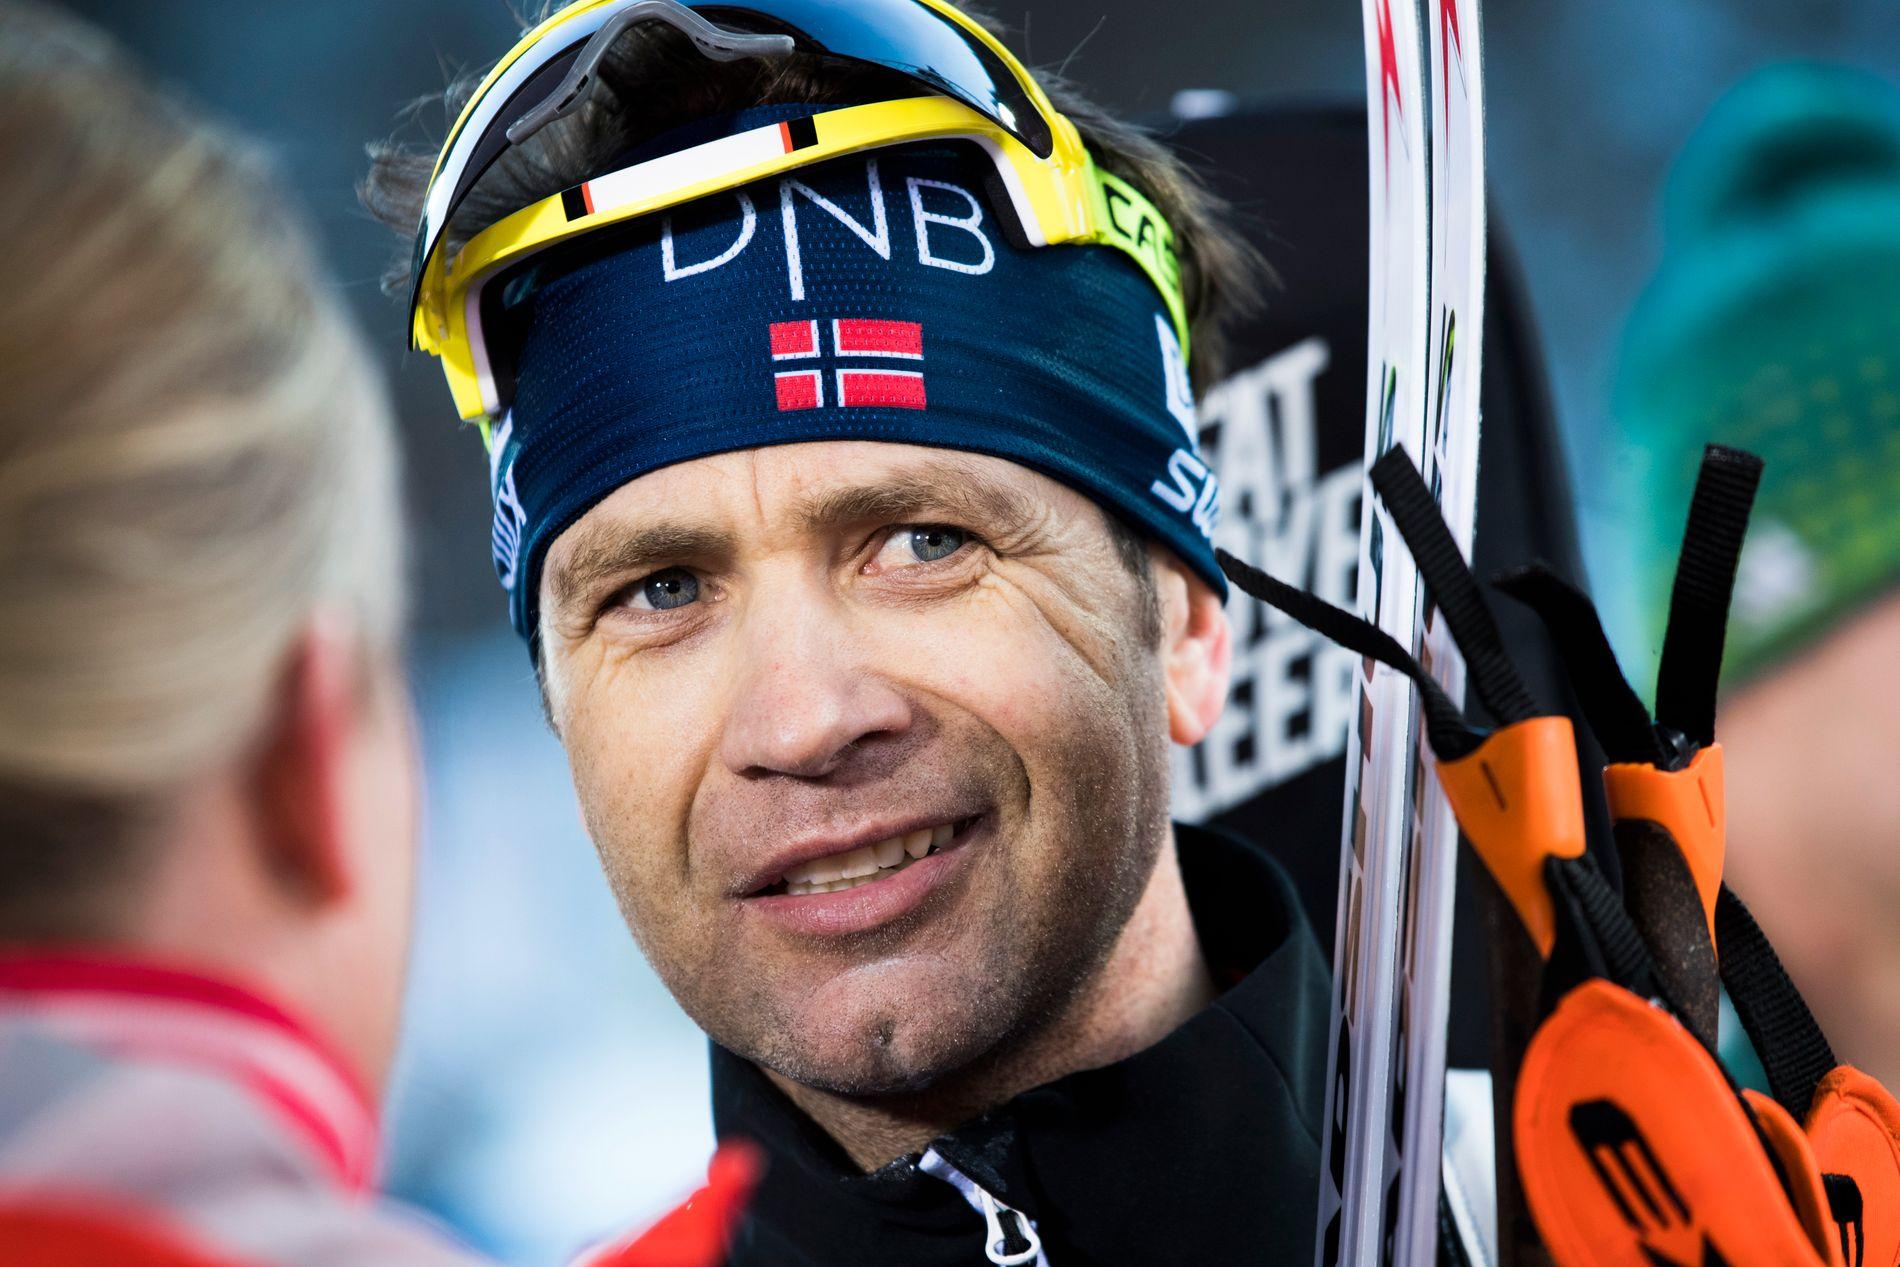 Ole Einar Bjørndalens OL-deltagelse er i fare.